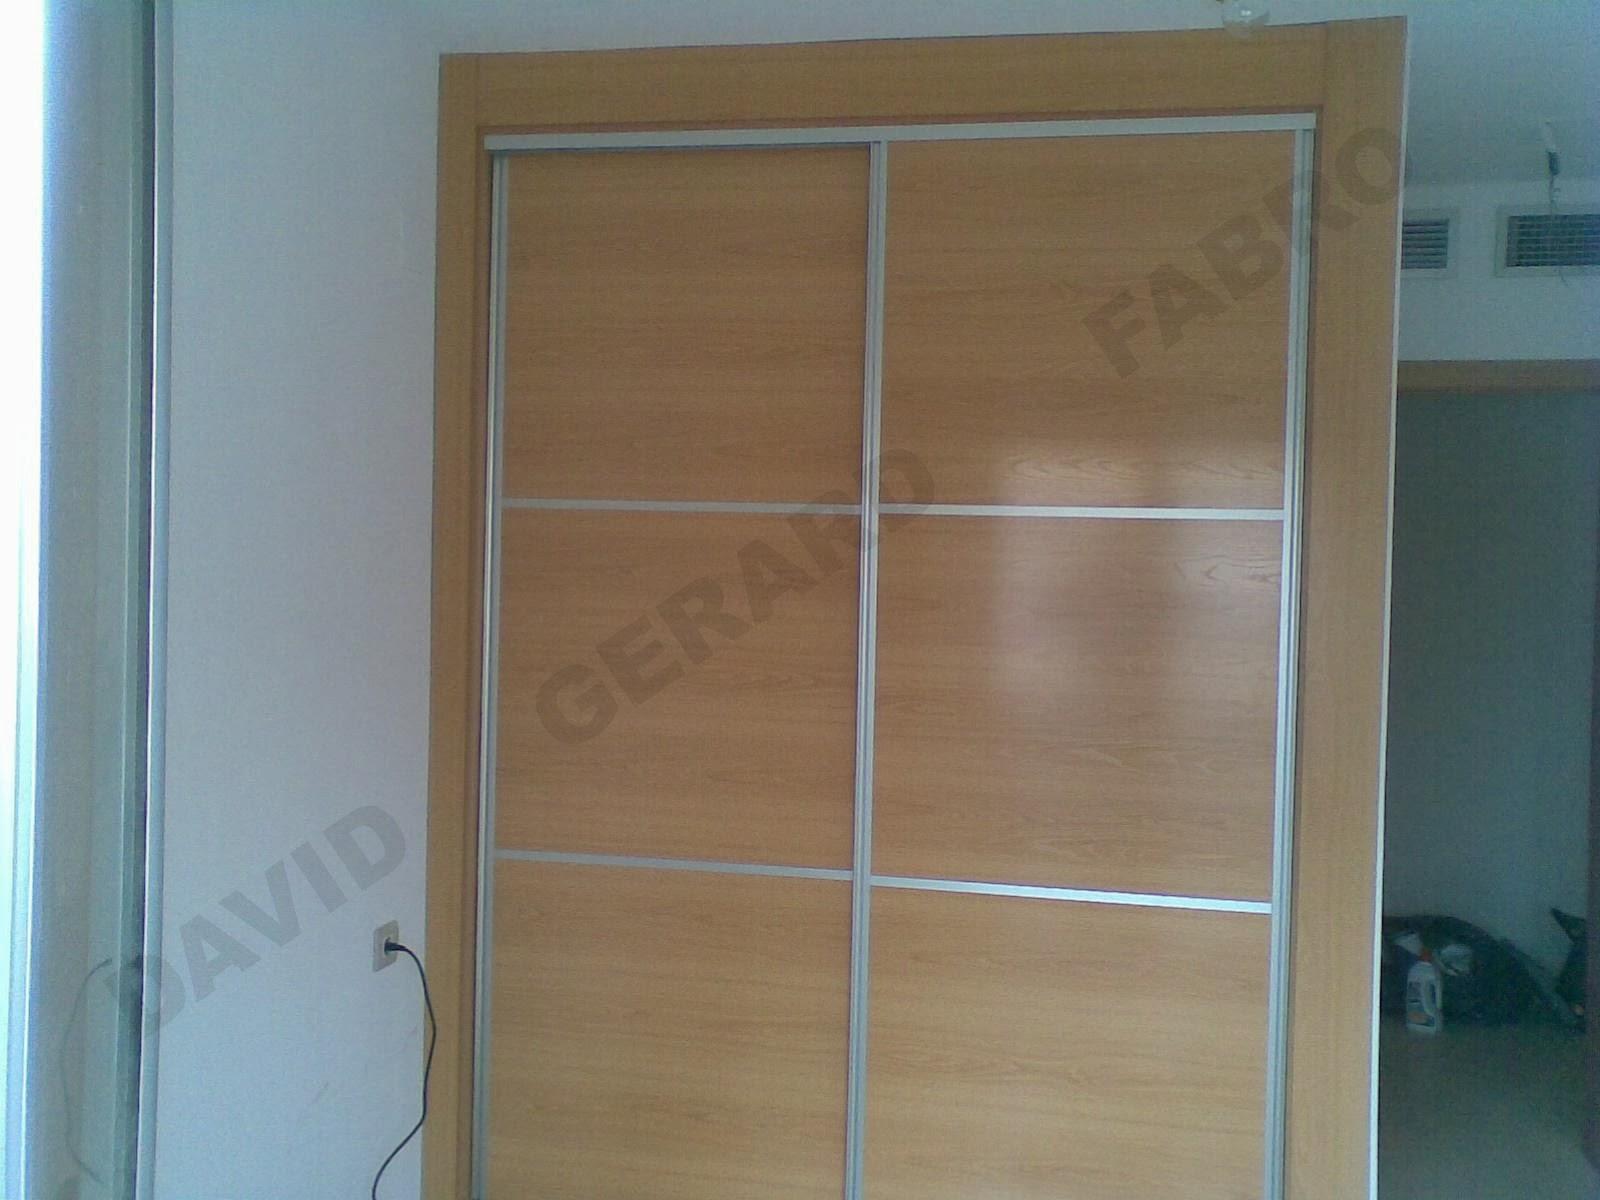 Armario de puertas correderas con tiradores color inox y beta horizontal